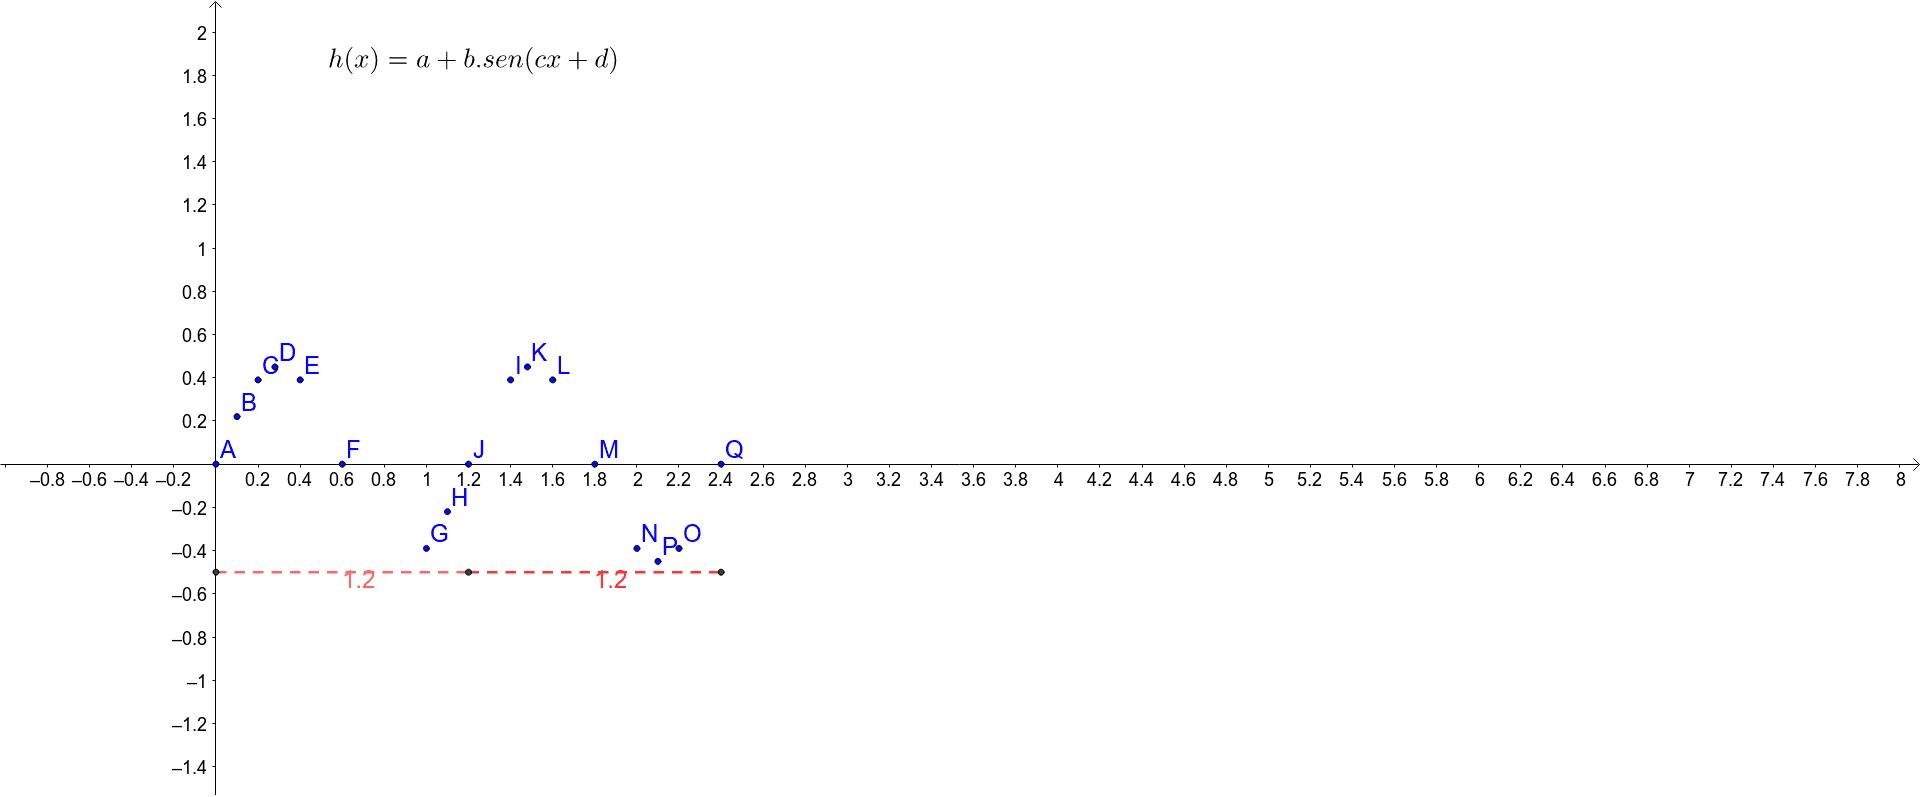 Proposta, obter a função que representa os dados a partir da manipulação de parâmetros e comparar com a função obtida por outro método, como ajuste de curva, por exemplo.